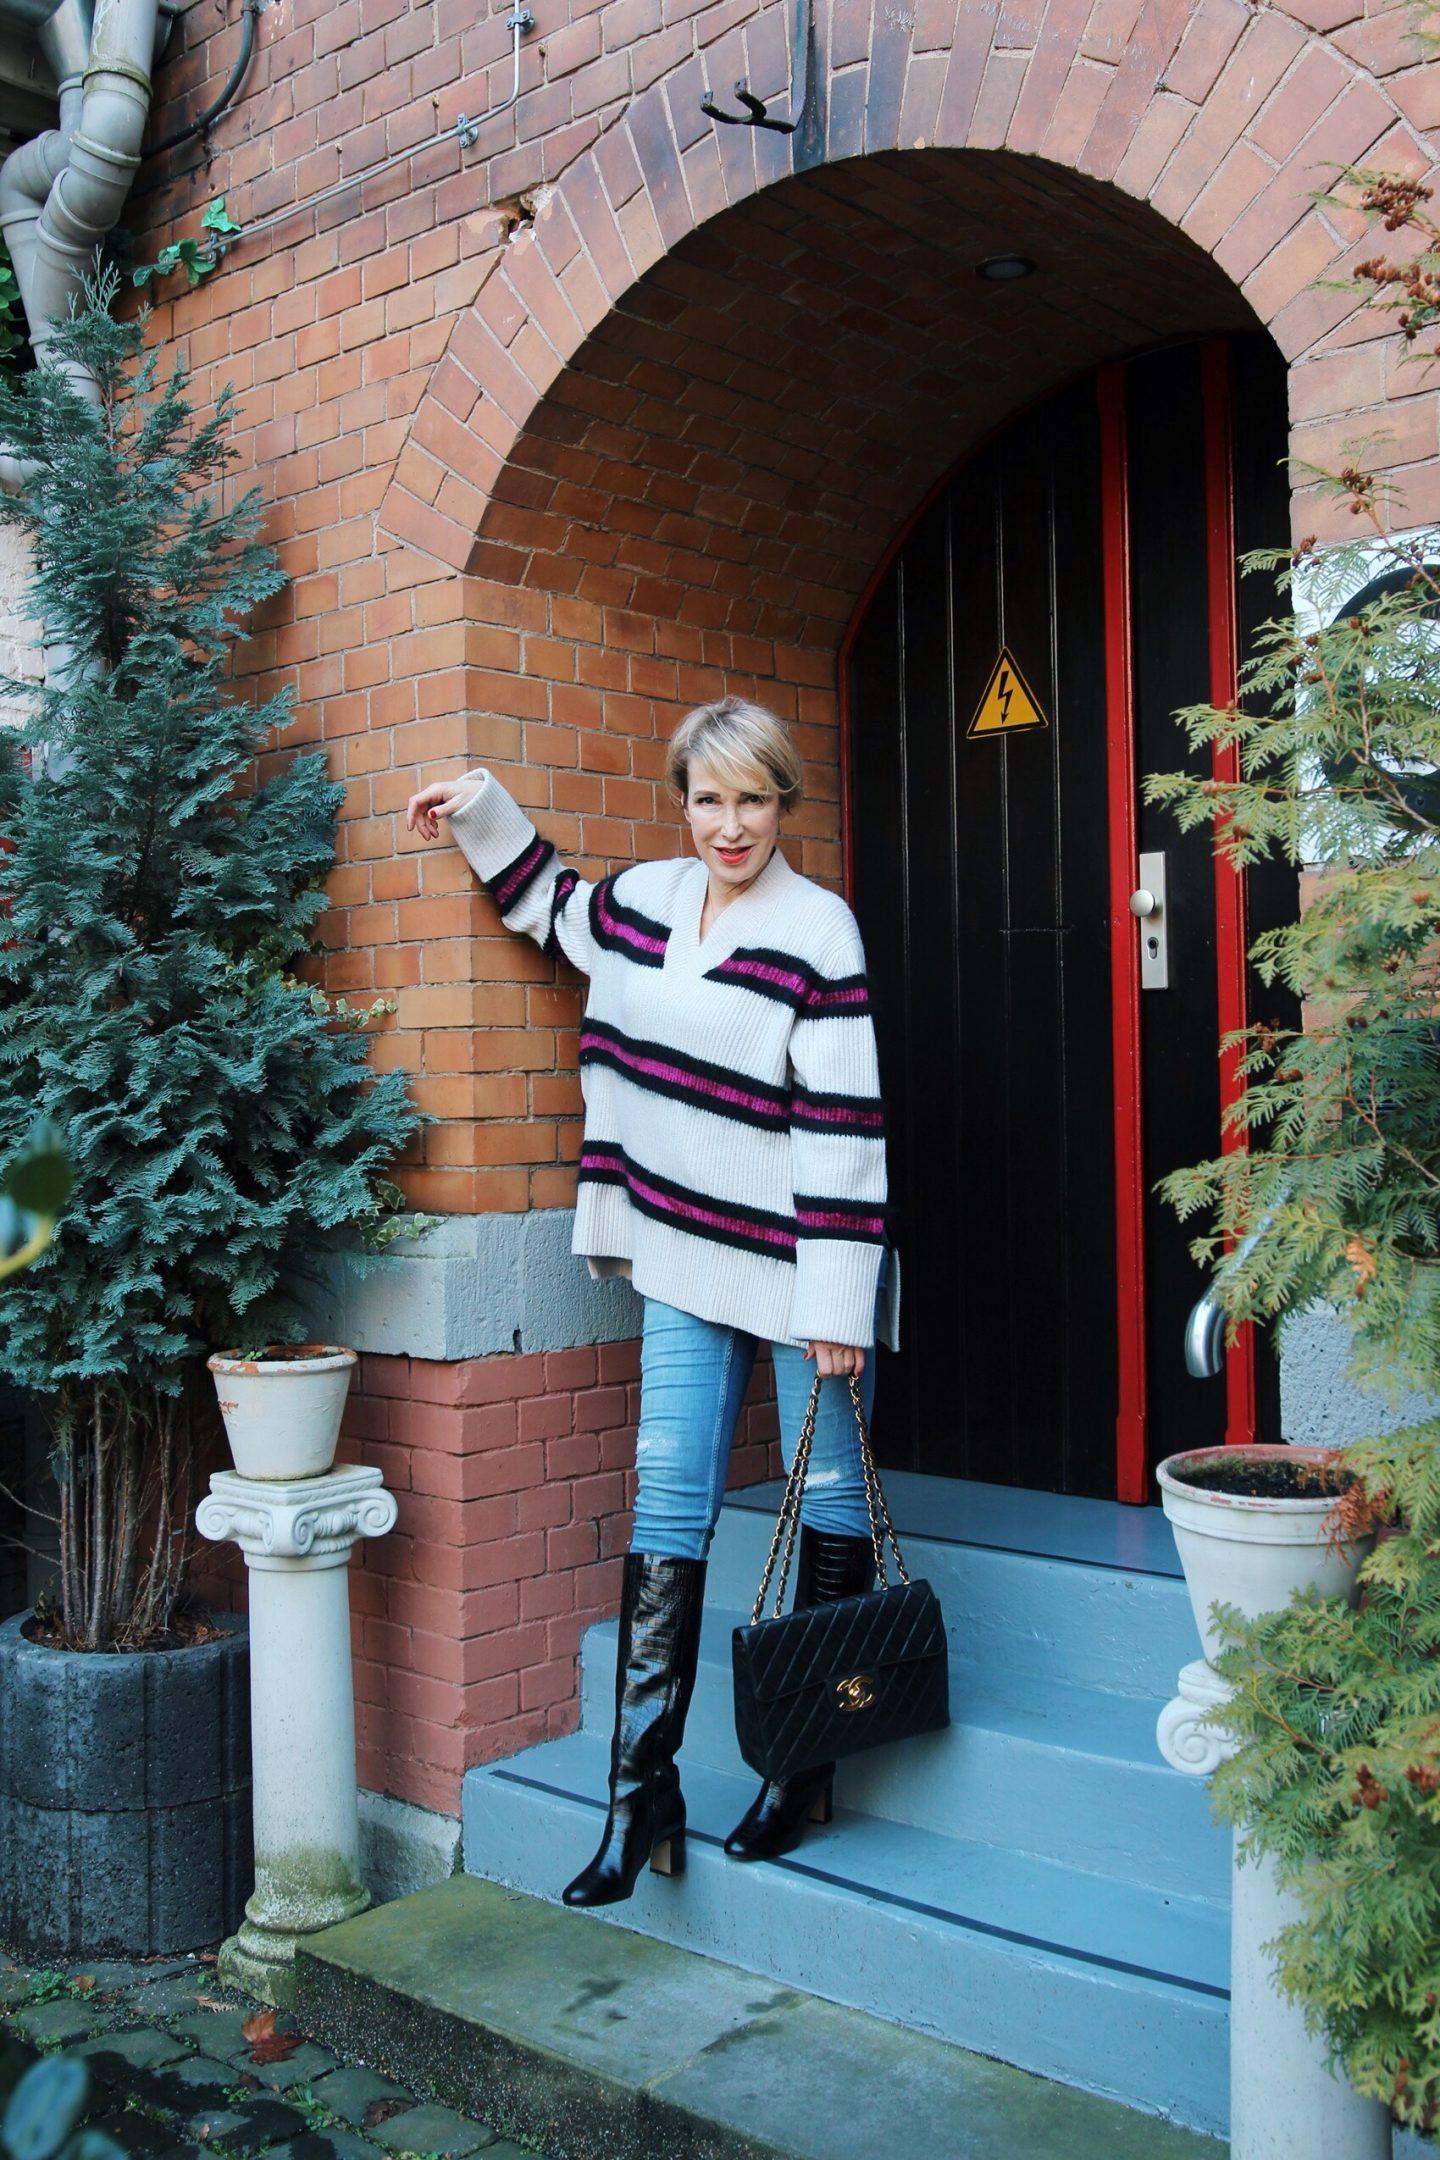 glamupyourlifestyle hose stiefel stecken 0versize-Pullover ue-40-blog ue-50-blog ü-40-mode